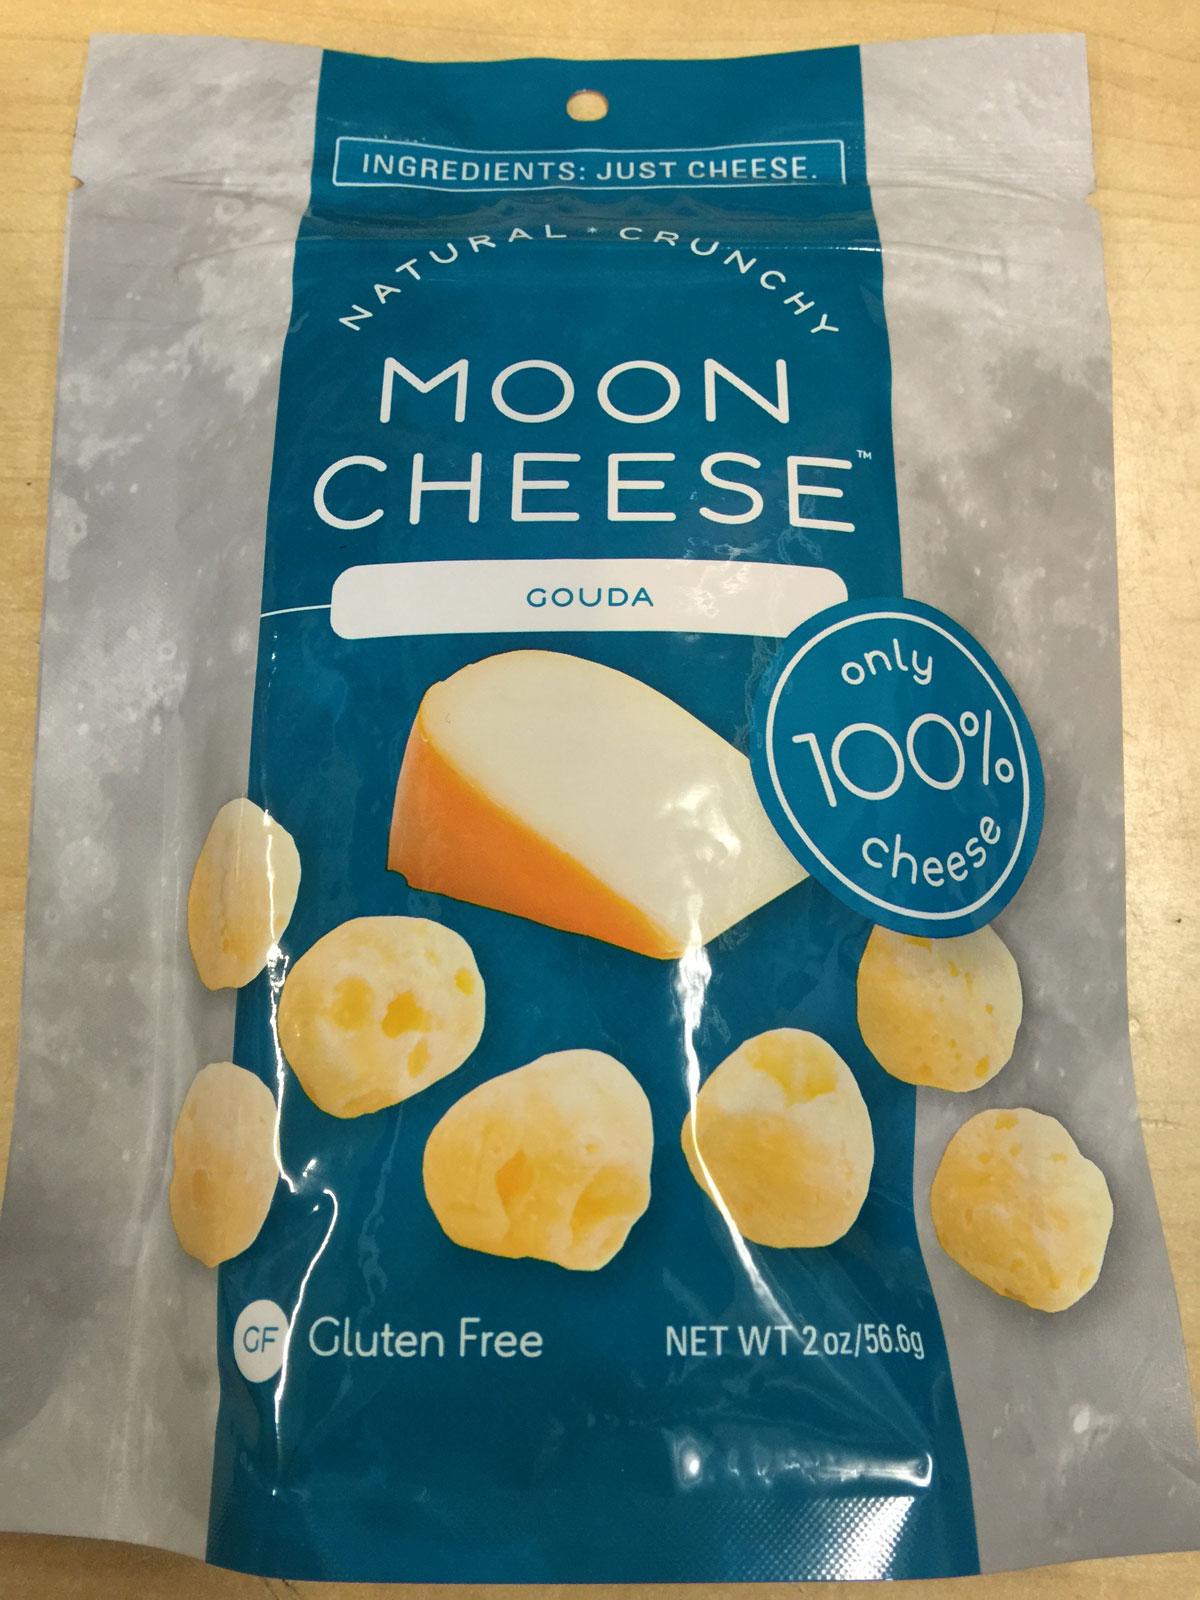 Moon Cheese Gouda flavor 2oz bag